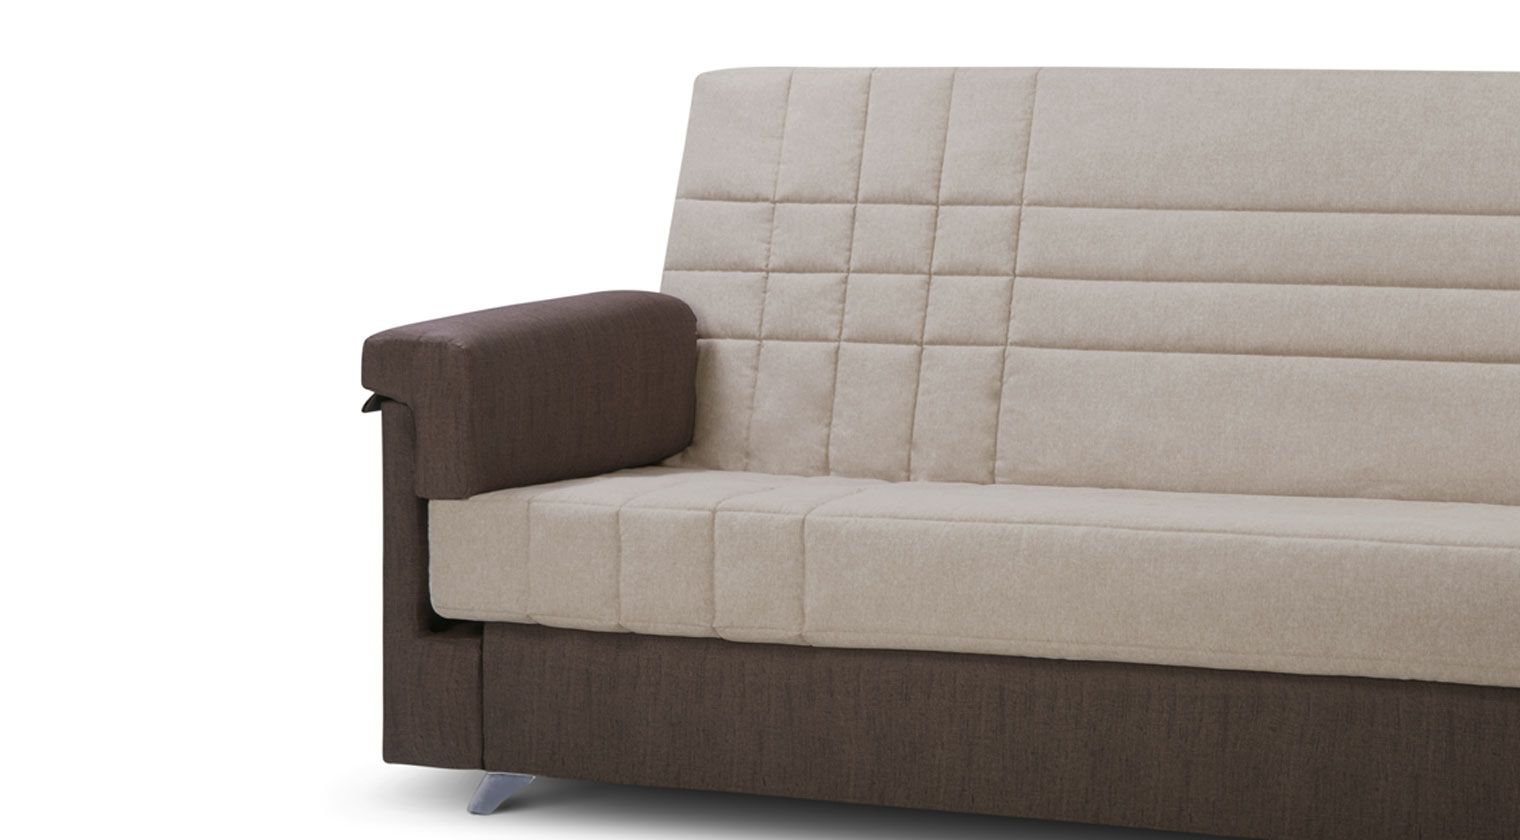 Fabricas de sofas en zaragoza affordable x sofs y for Fabricas de sofas en yecla